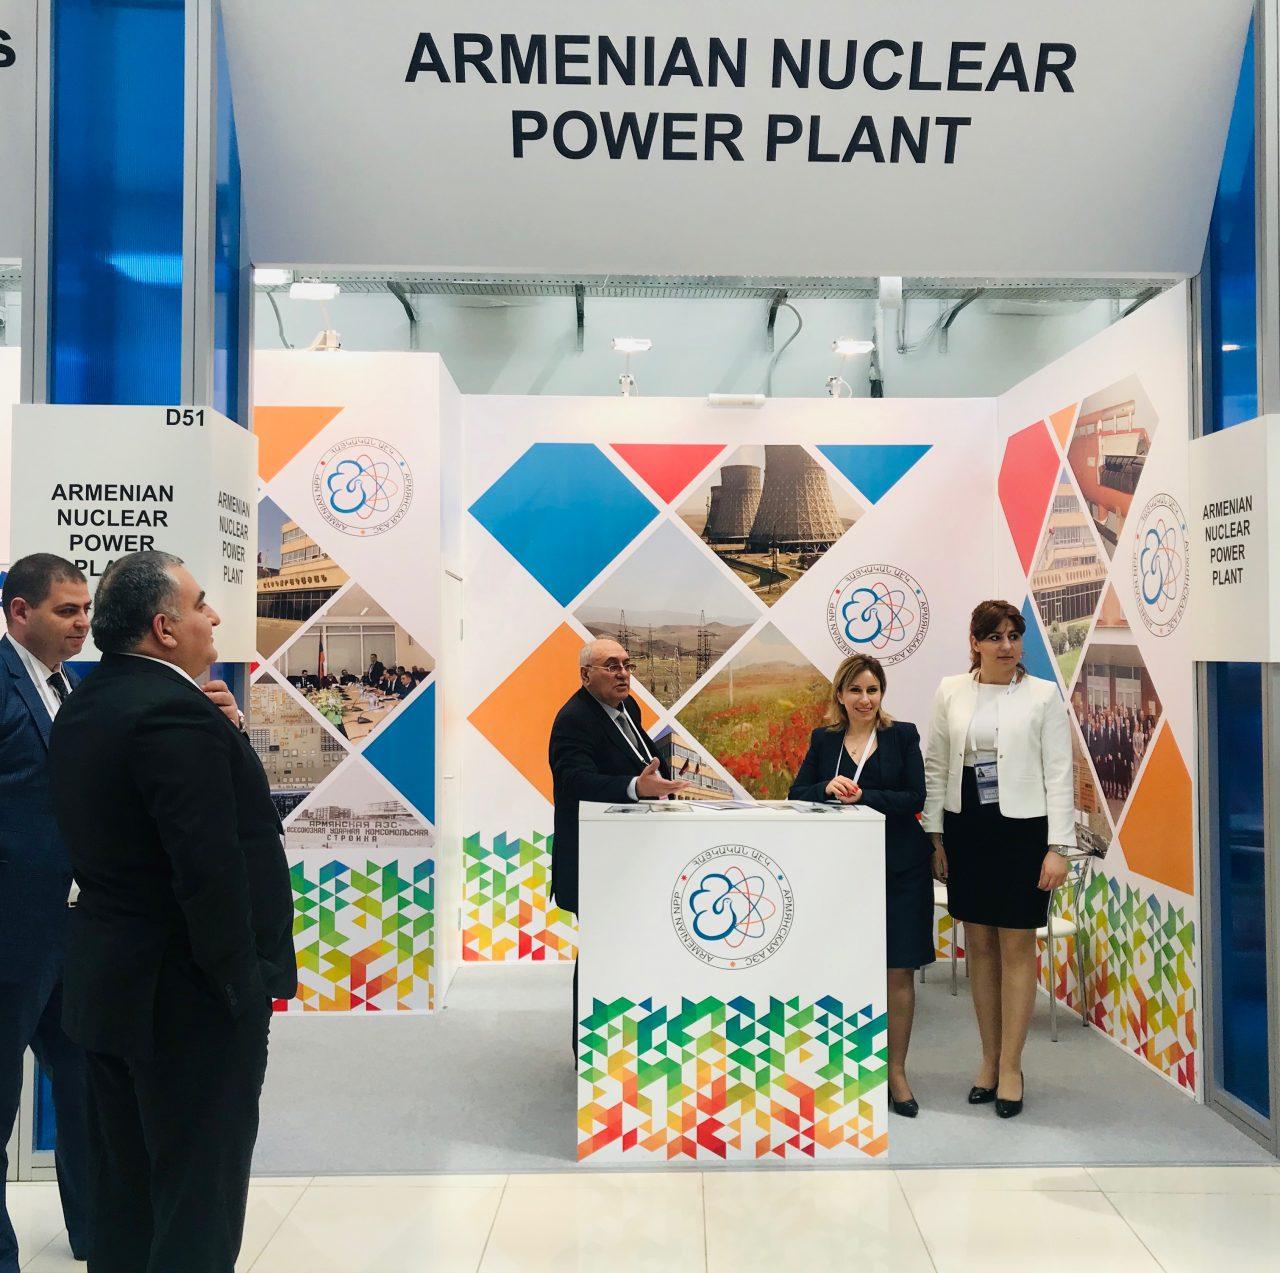 Հայկական ԱԷԿ-ի տաղավարն առաջին անգամ նարկայացված է «Ատոմէքսպո-2019» ֆորումին